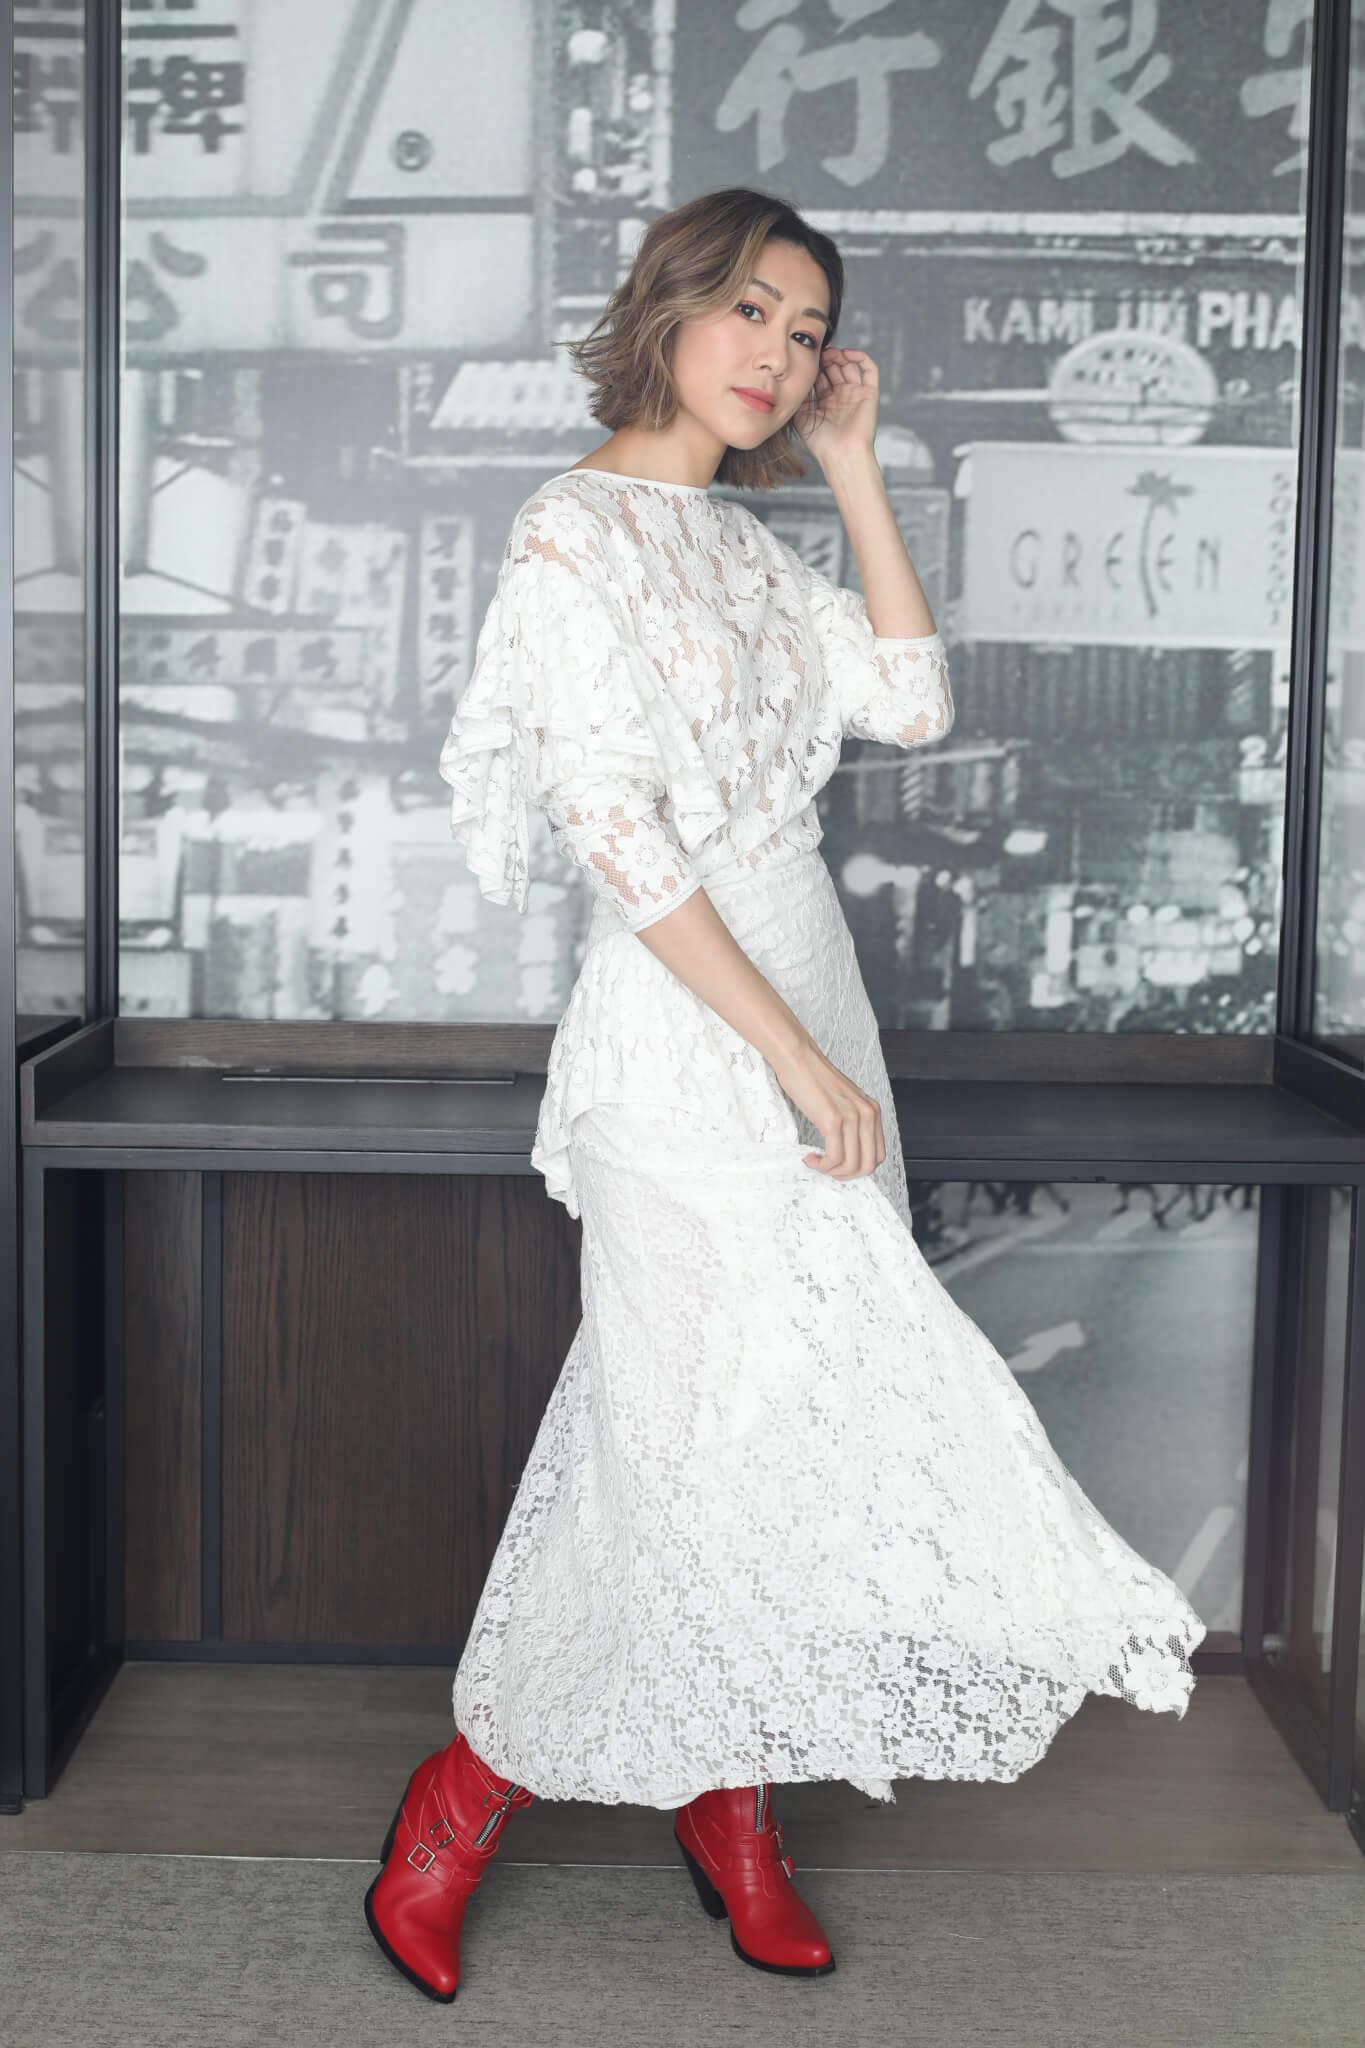 胡定欣即將約滿TVB,她表示需要為將來的路好好計劃,故暫時仍未決定會否續約。